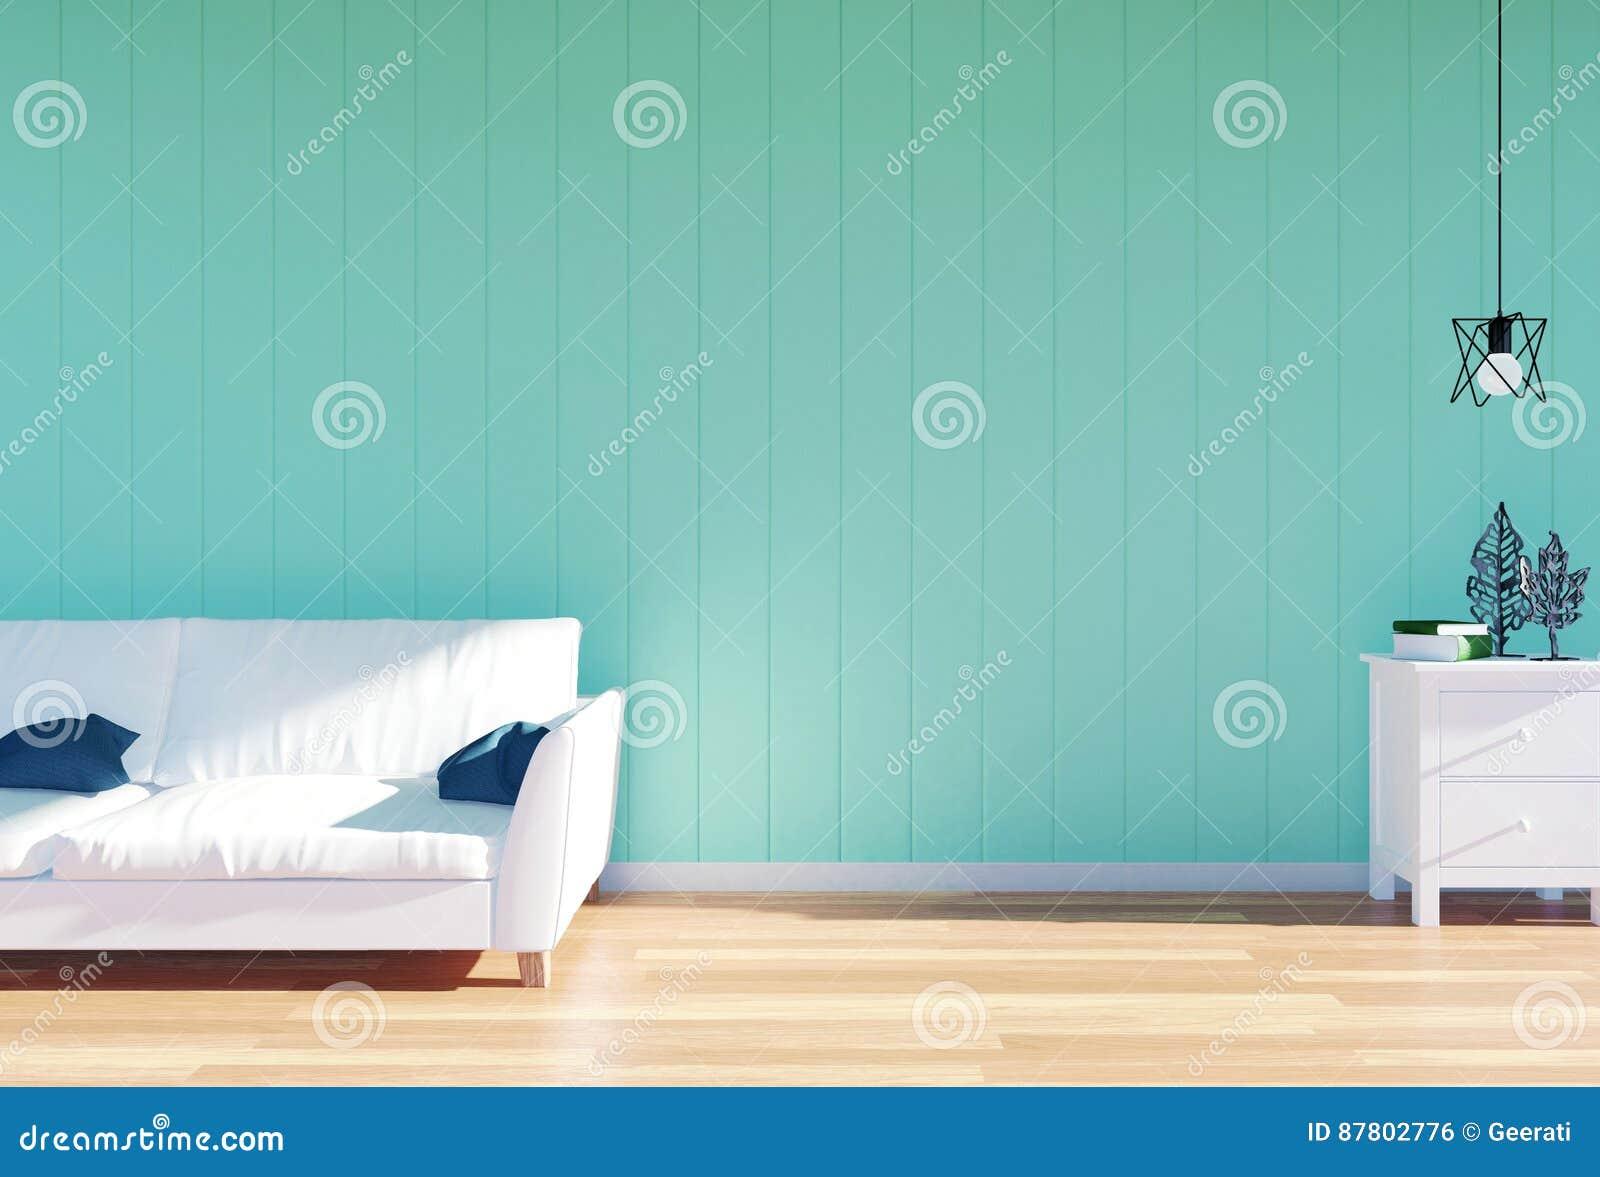 客厅内部-白革沙发和绿色墙板与空间